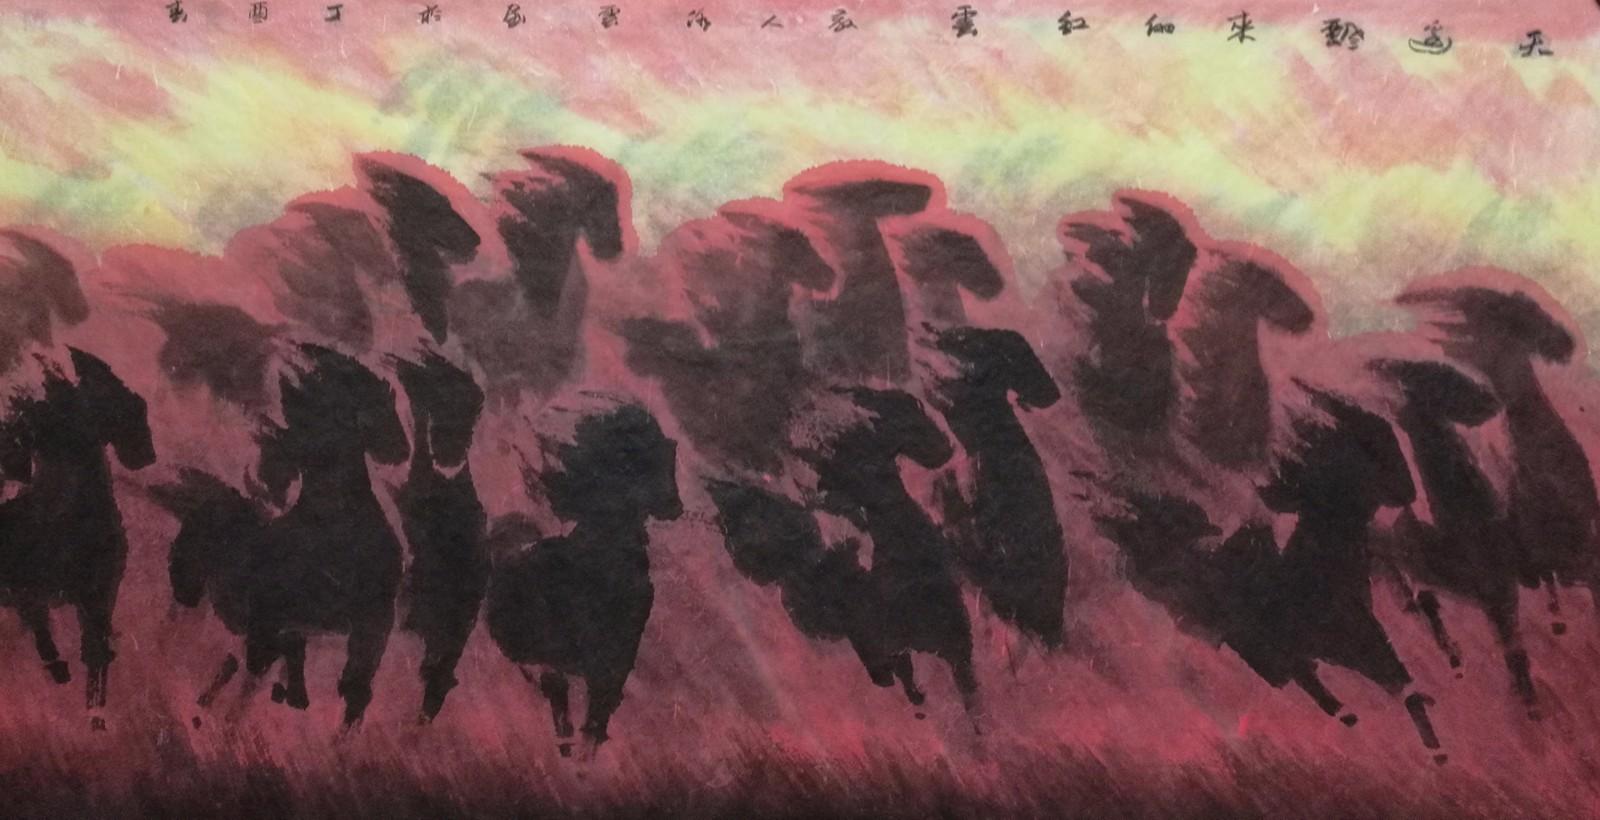 天空飘来的红云.jpg